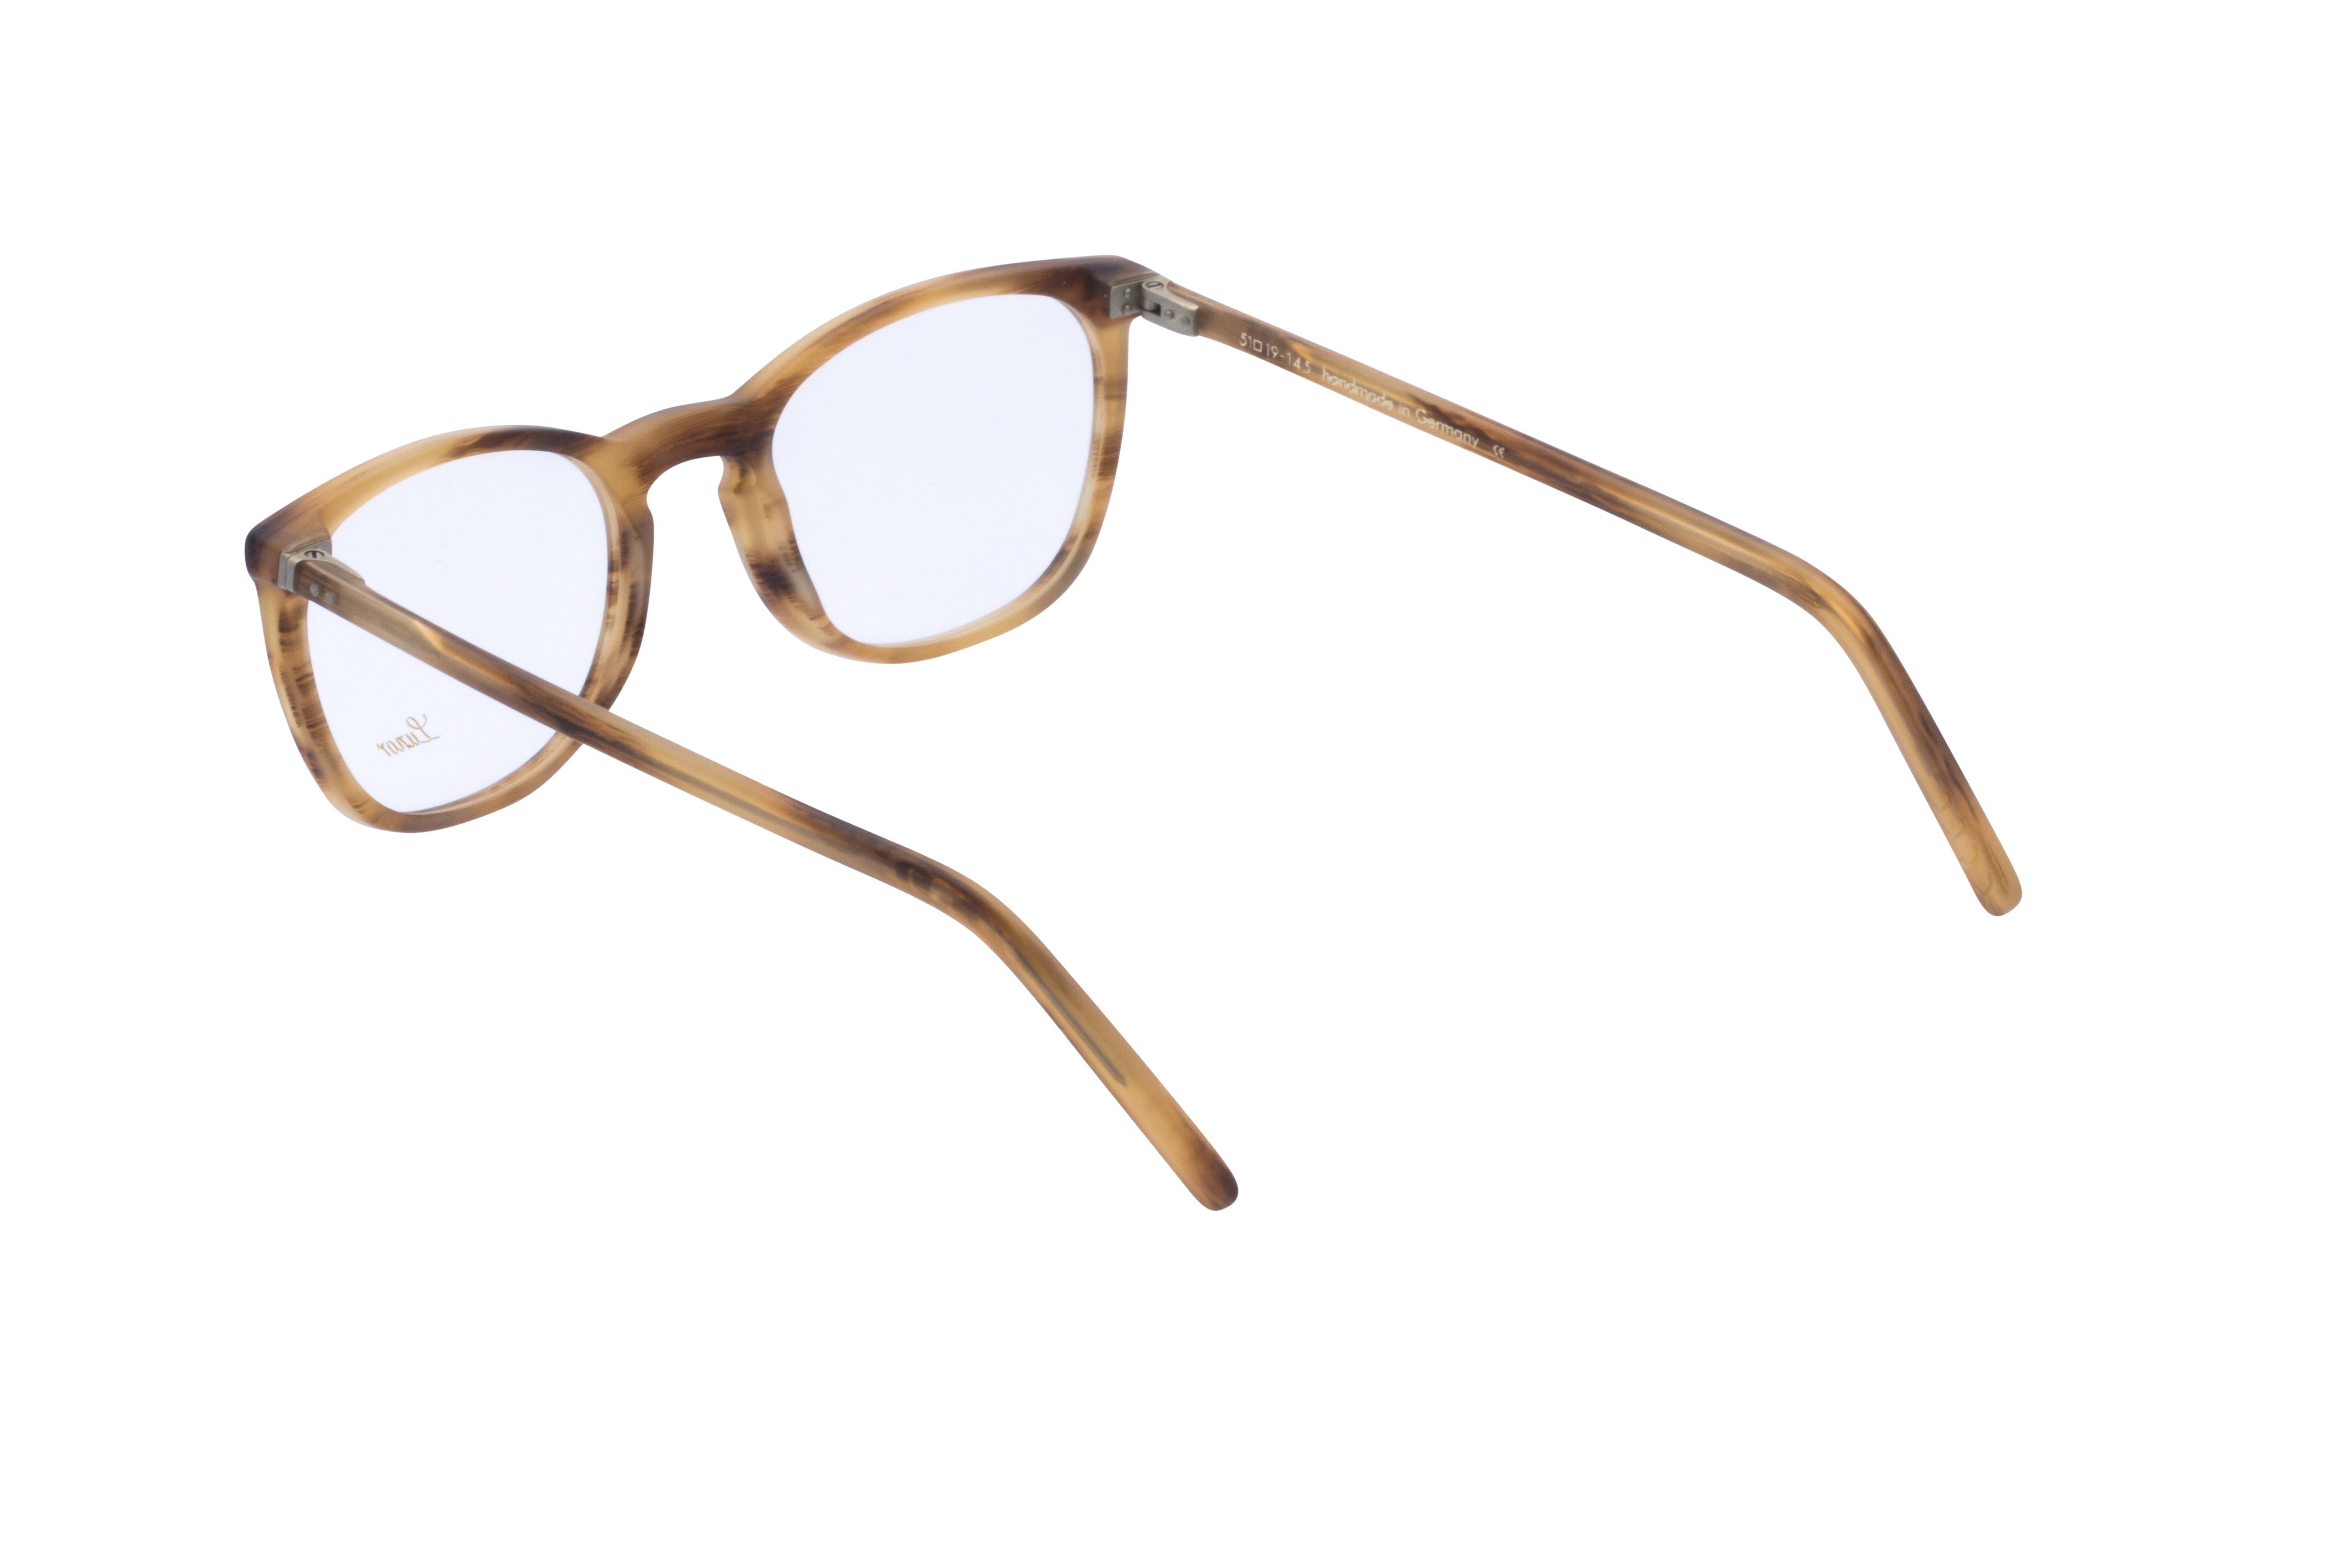 360 Grad Ansicht 15 Lunor 312, Brille auf Weiß - Fassung bei KUNK